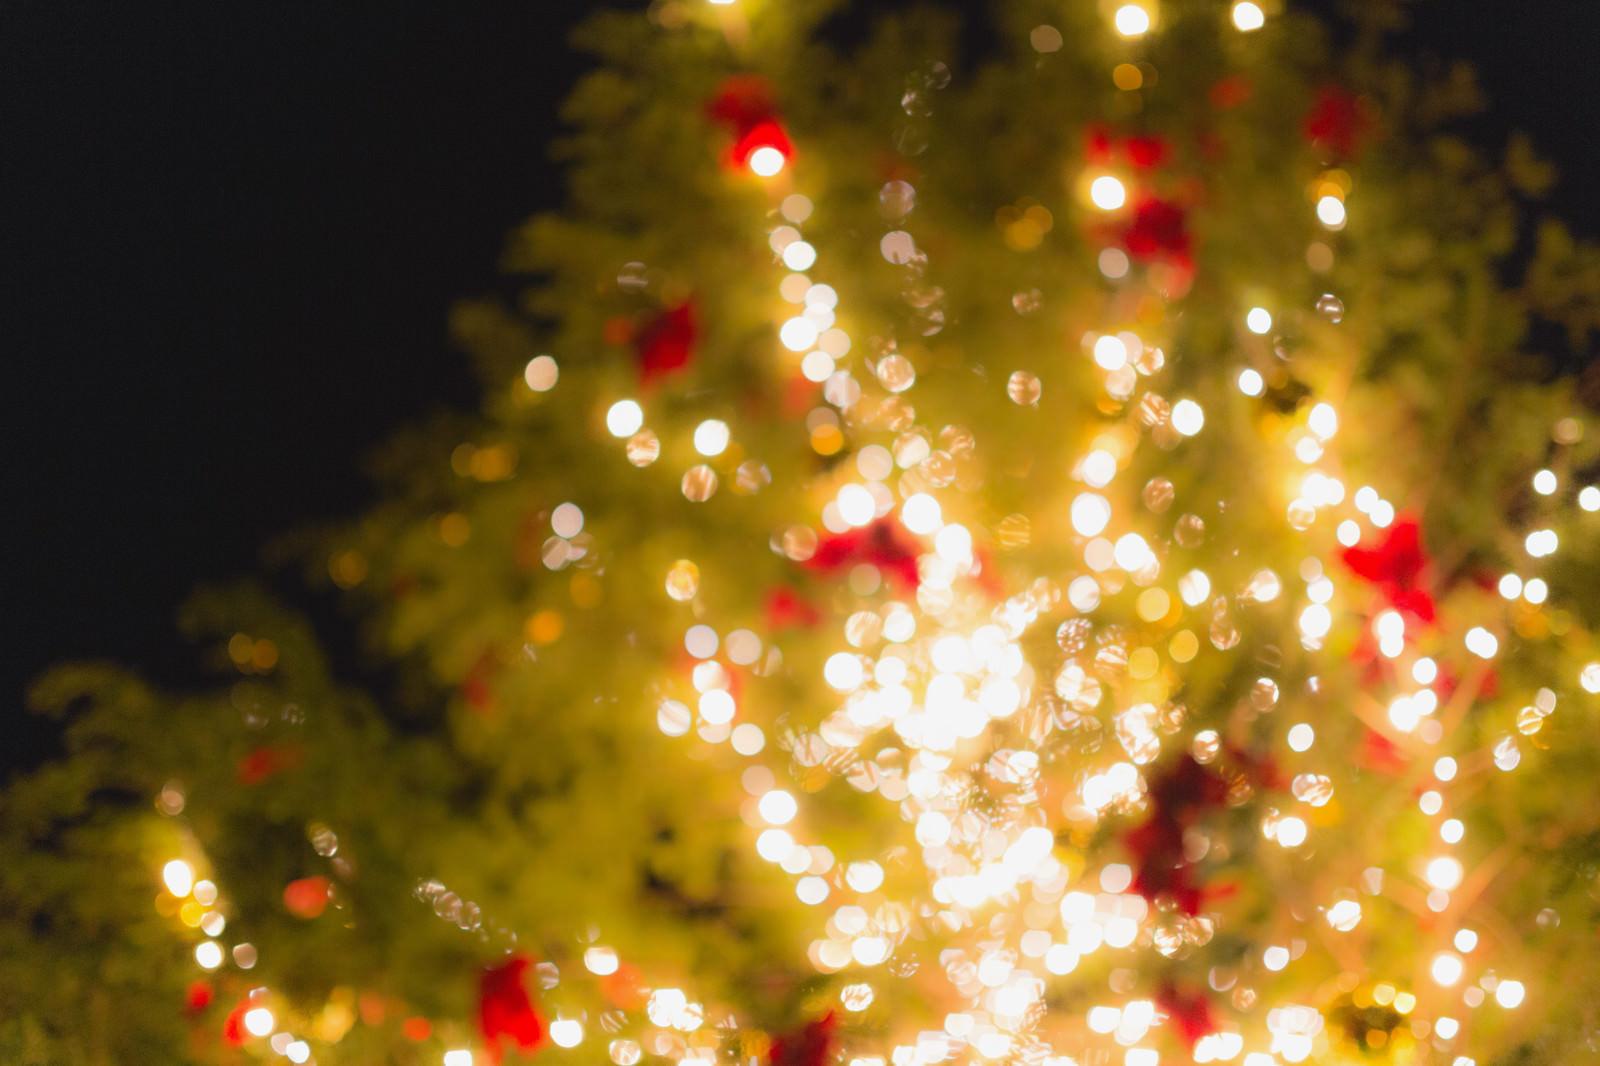 「点灯をはじめたクリスマスツリー点灯をはじめたクリスマスツリー」のフリー写真素材を拡大